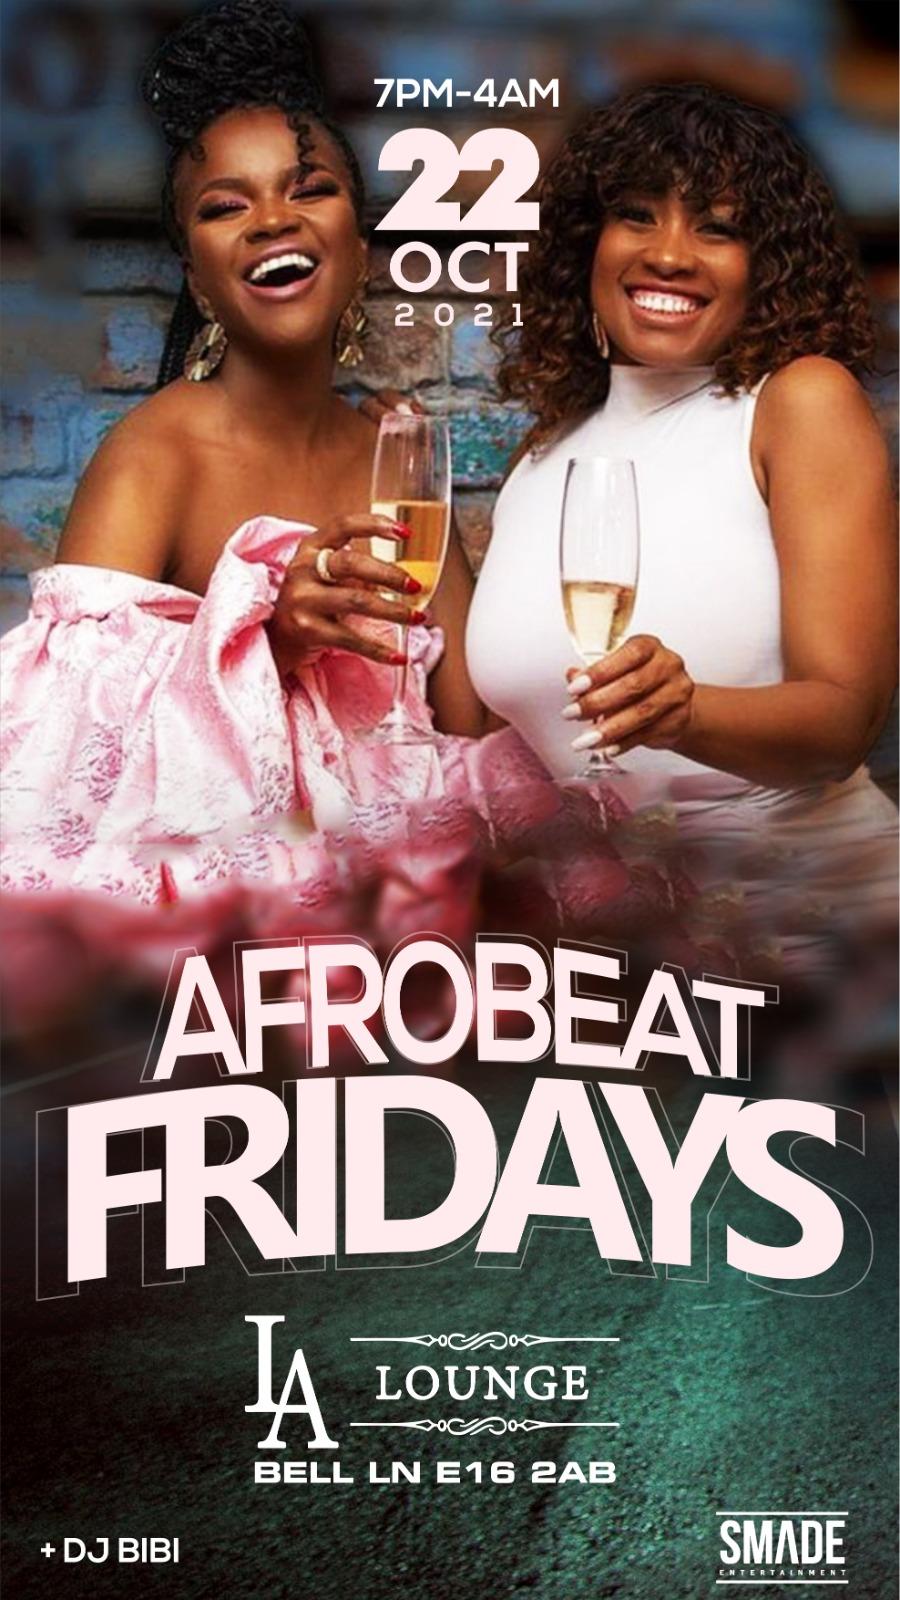 AfroBeat Fridays OCT 22 #BlackHistoryMonth